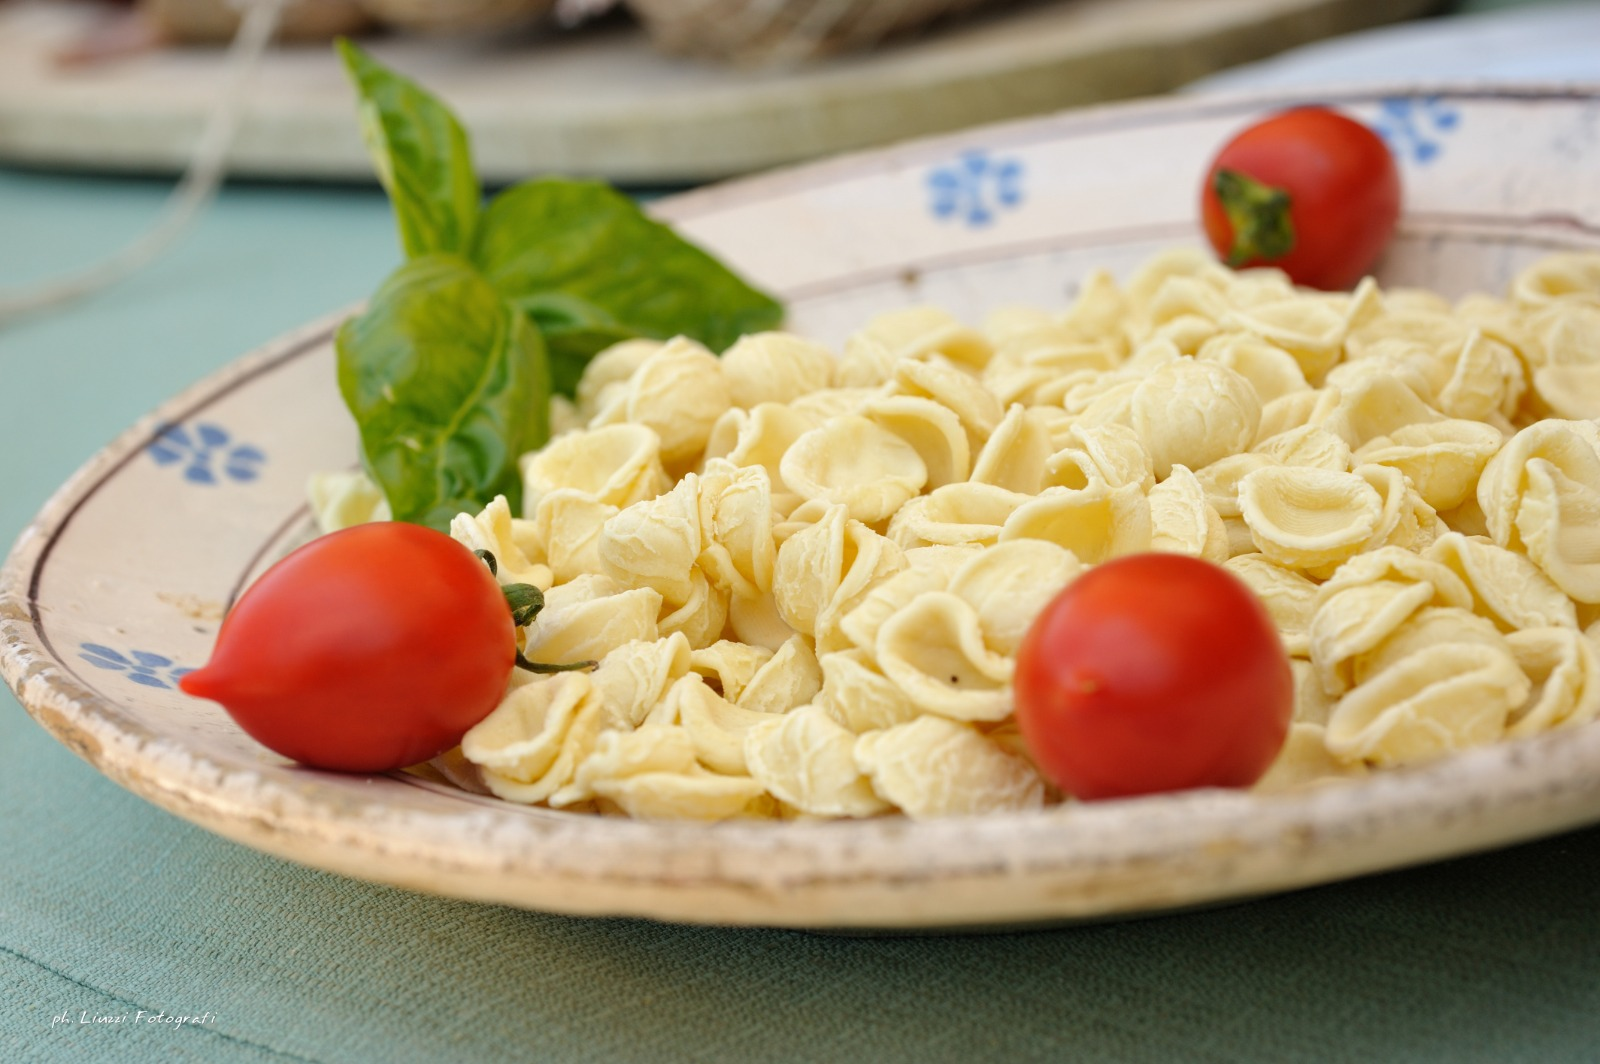 Corso di cucina pugliese a firenze firenze urban lifestyle - Corso cucina firenze ...